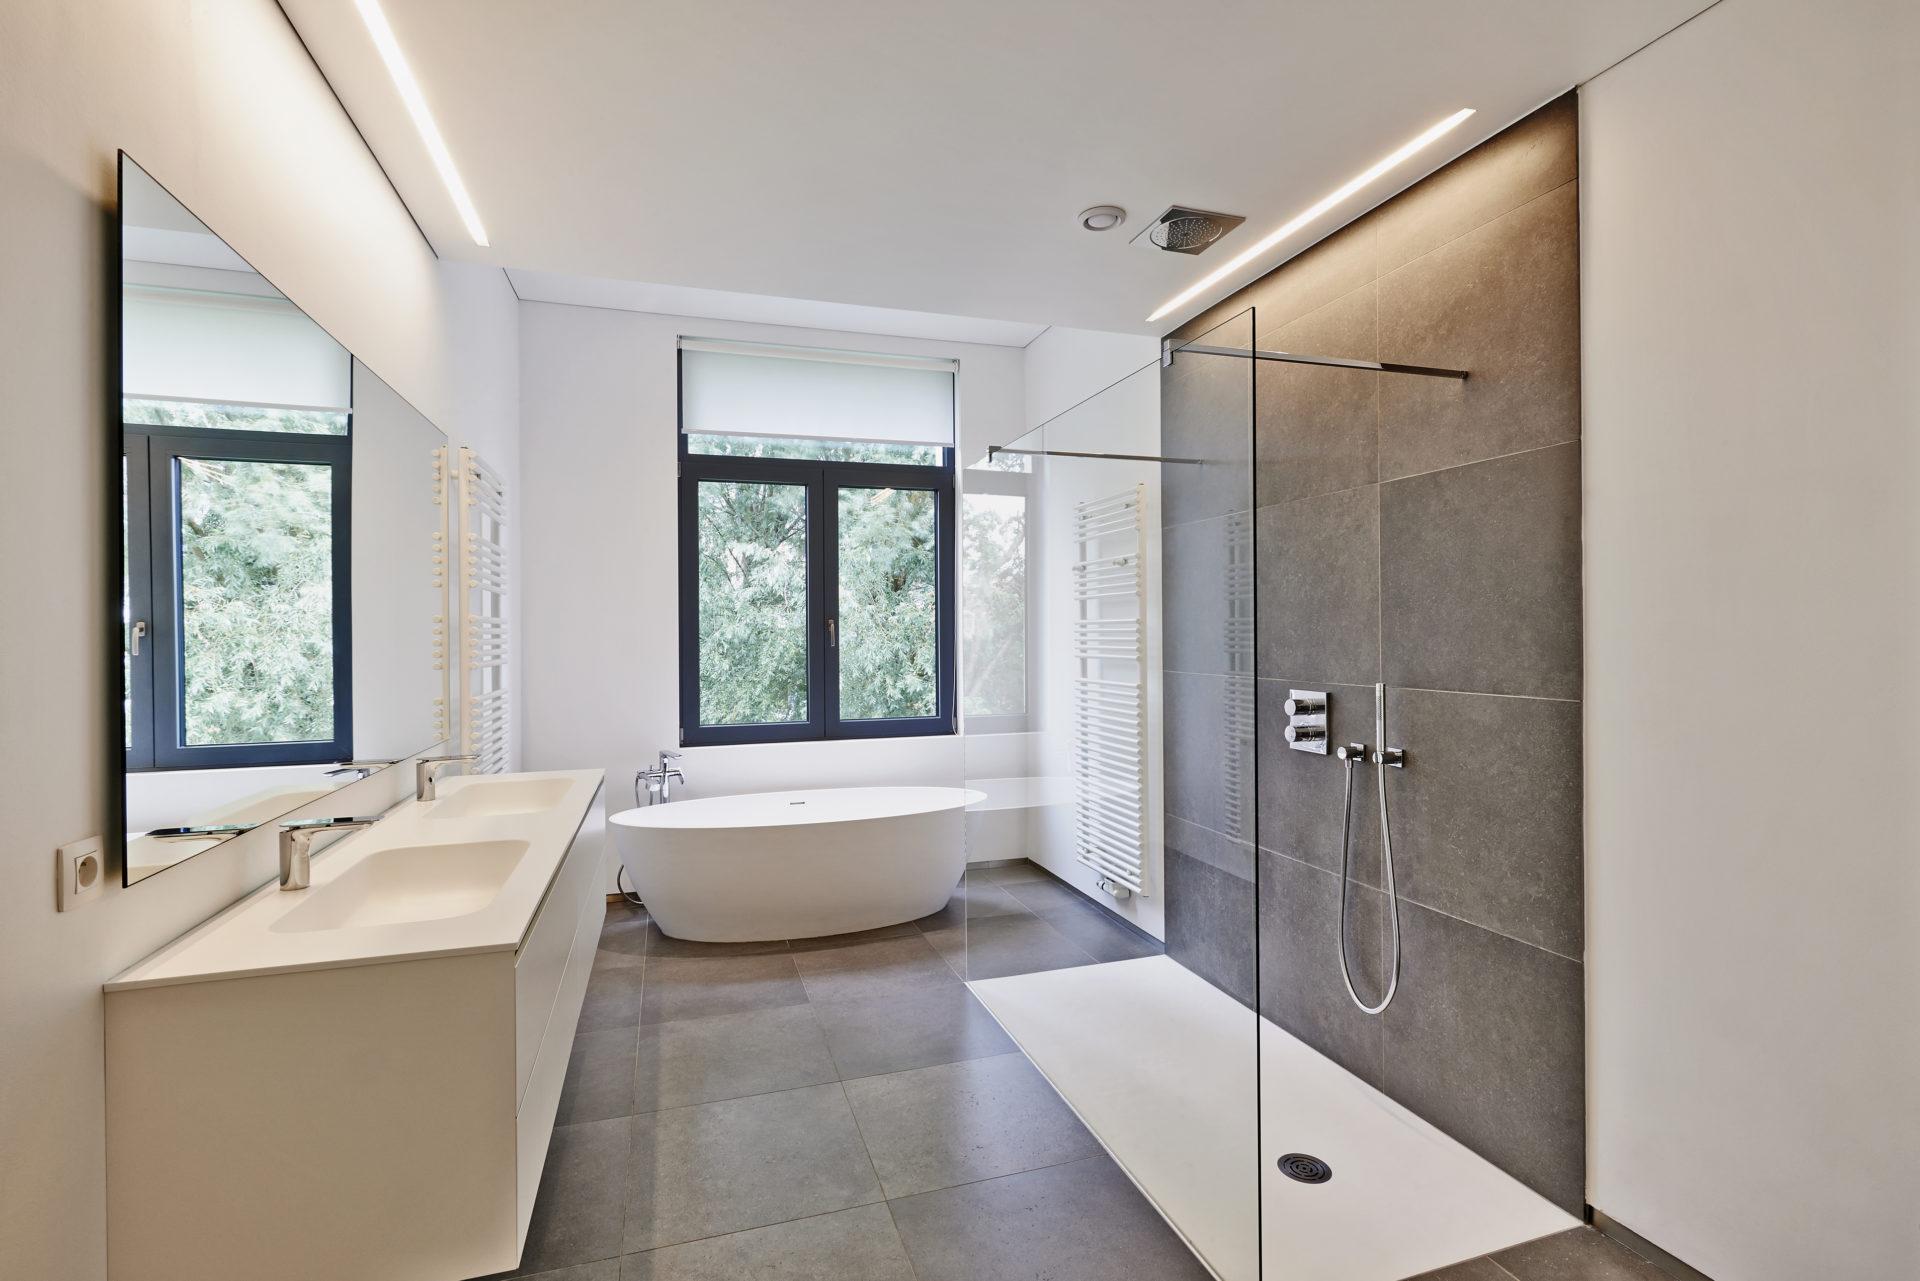 - LUXURY BATHROOMS -